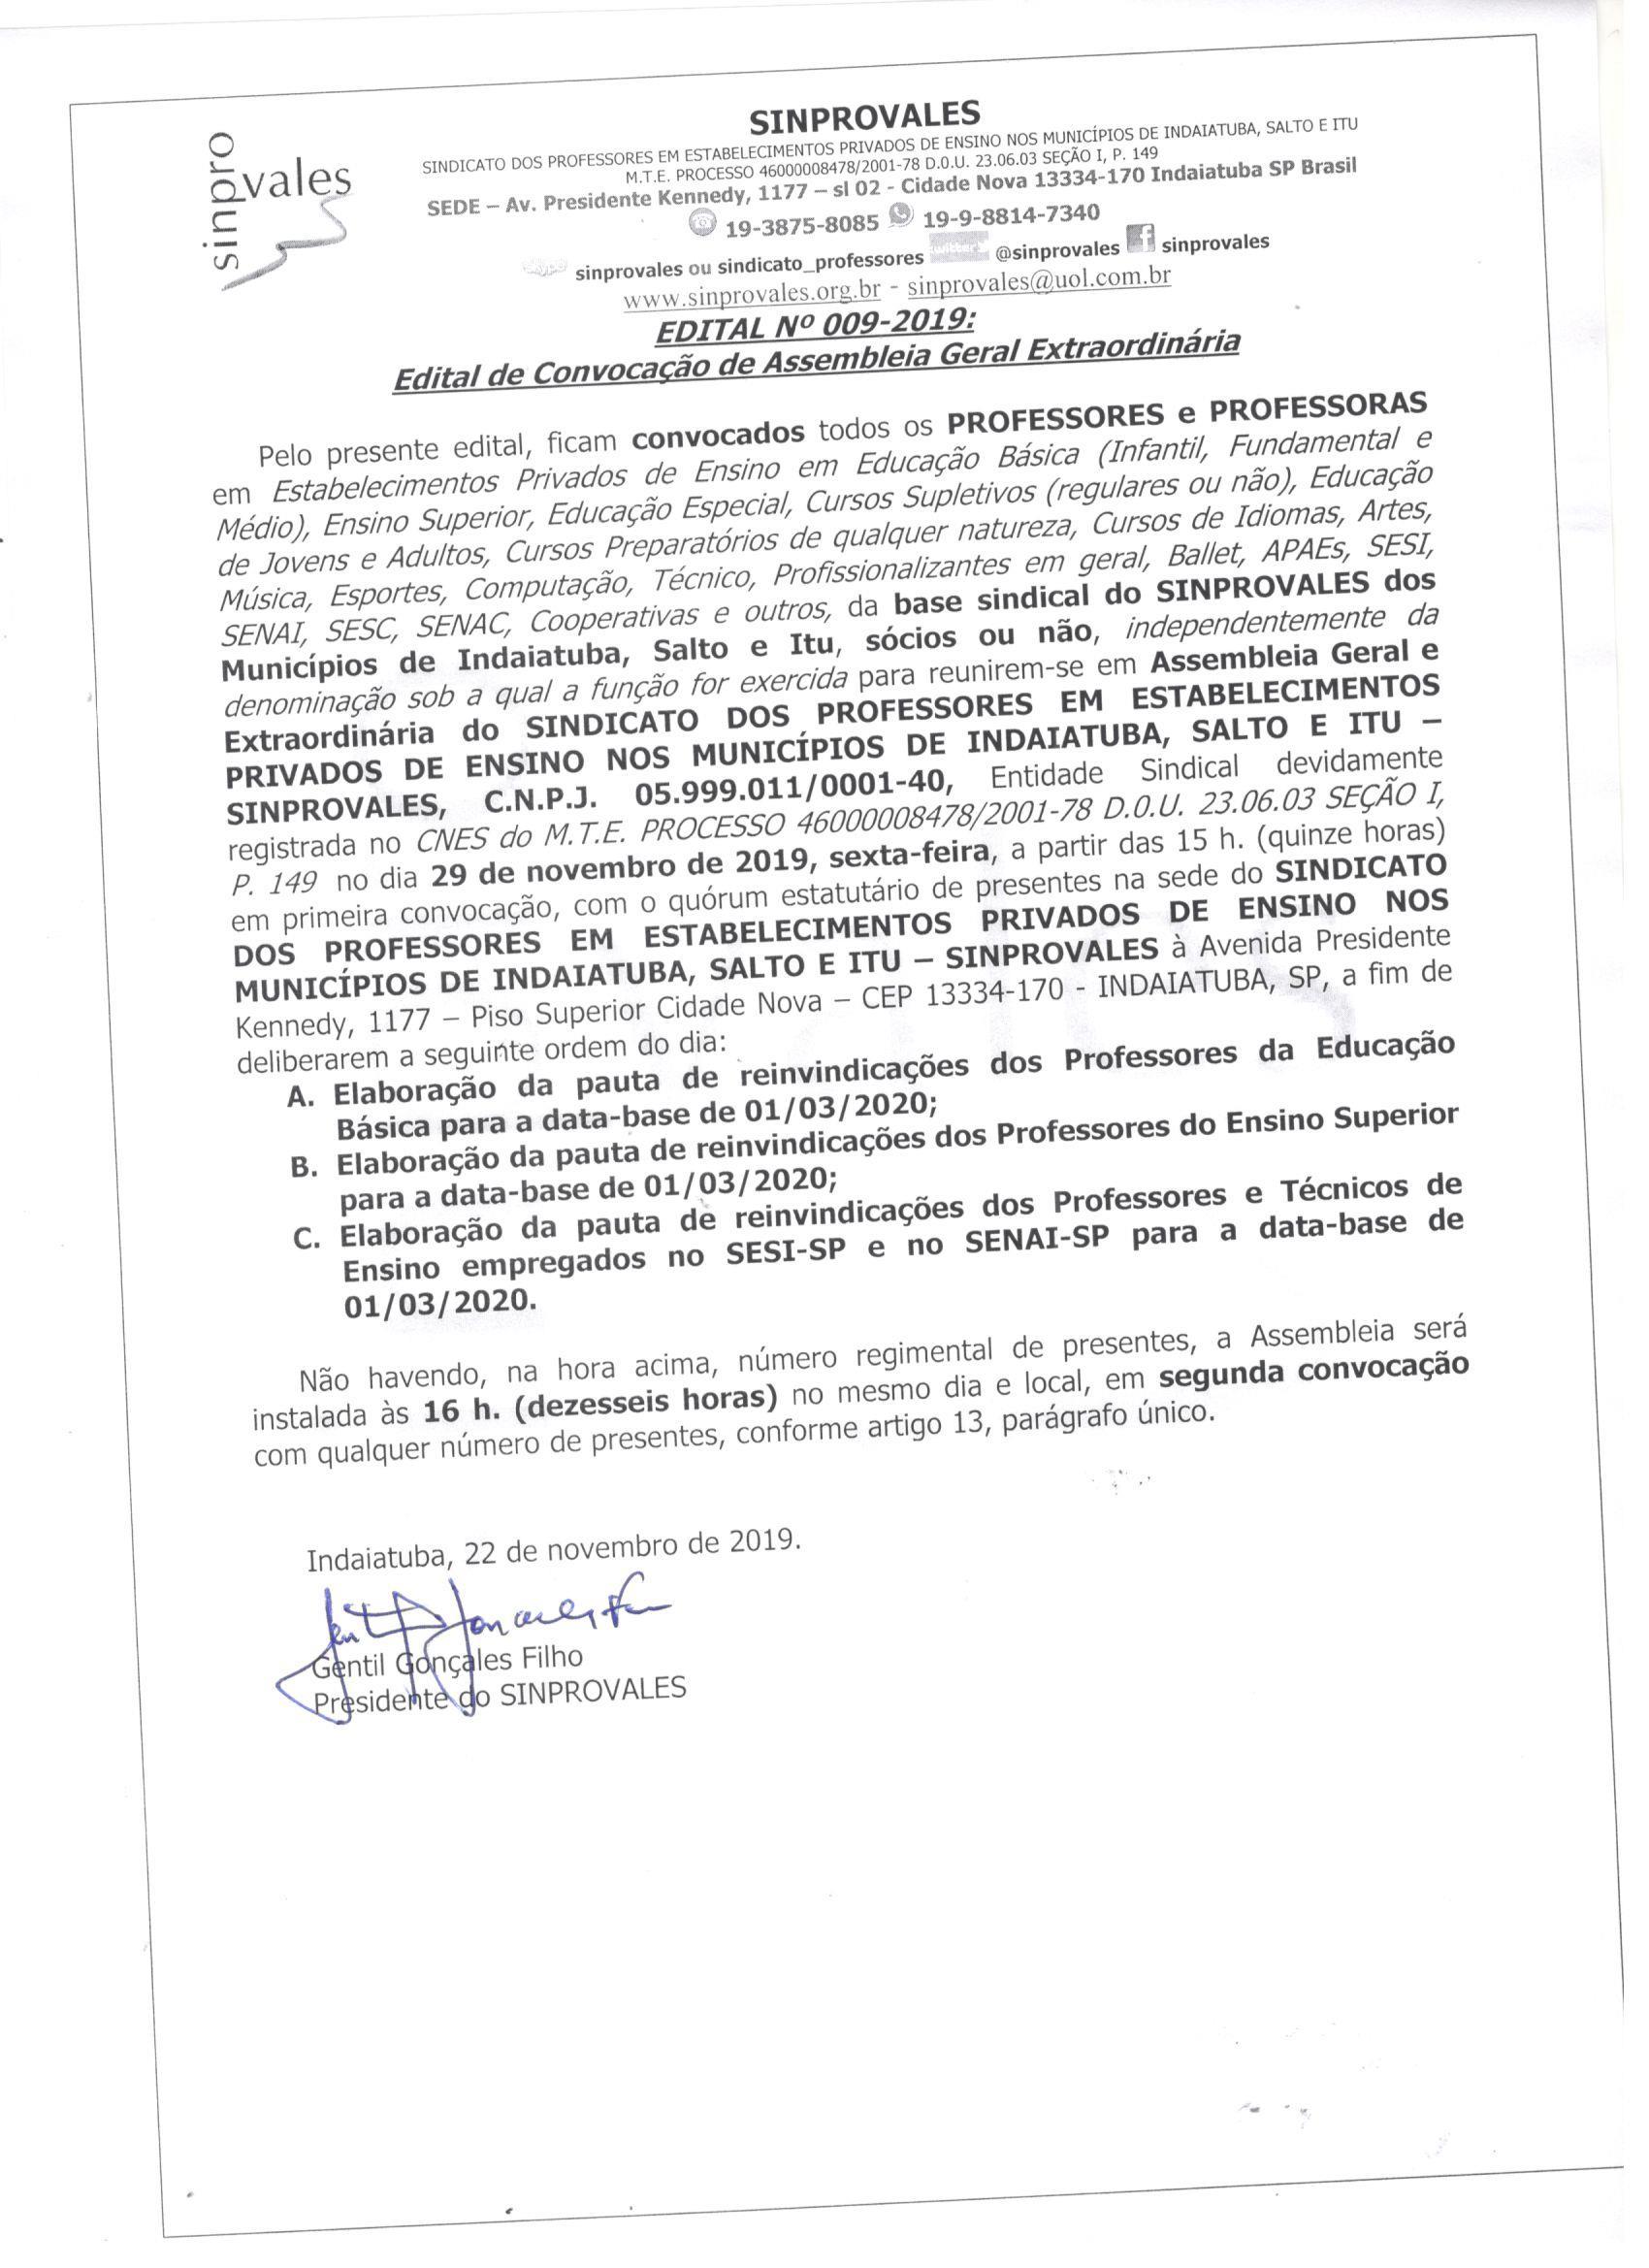 PAUTA DE REIVINDICAÇÕES DA EDUCAÇÃO BÁSICA, ENSINO SUPERIOR E SISTEMA S